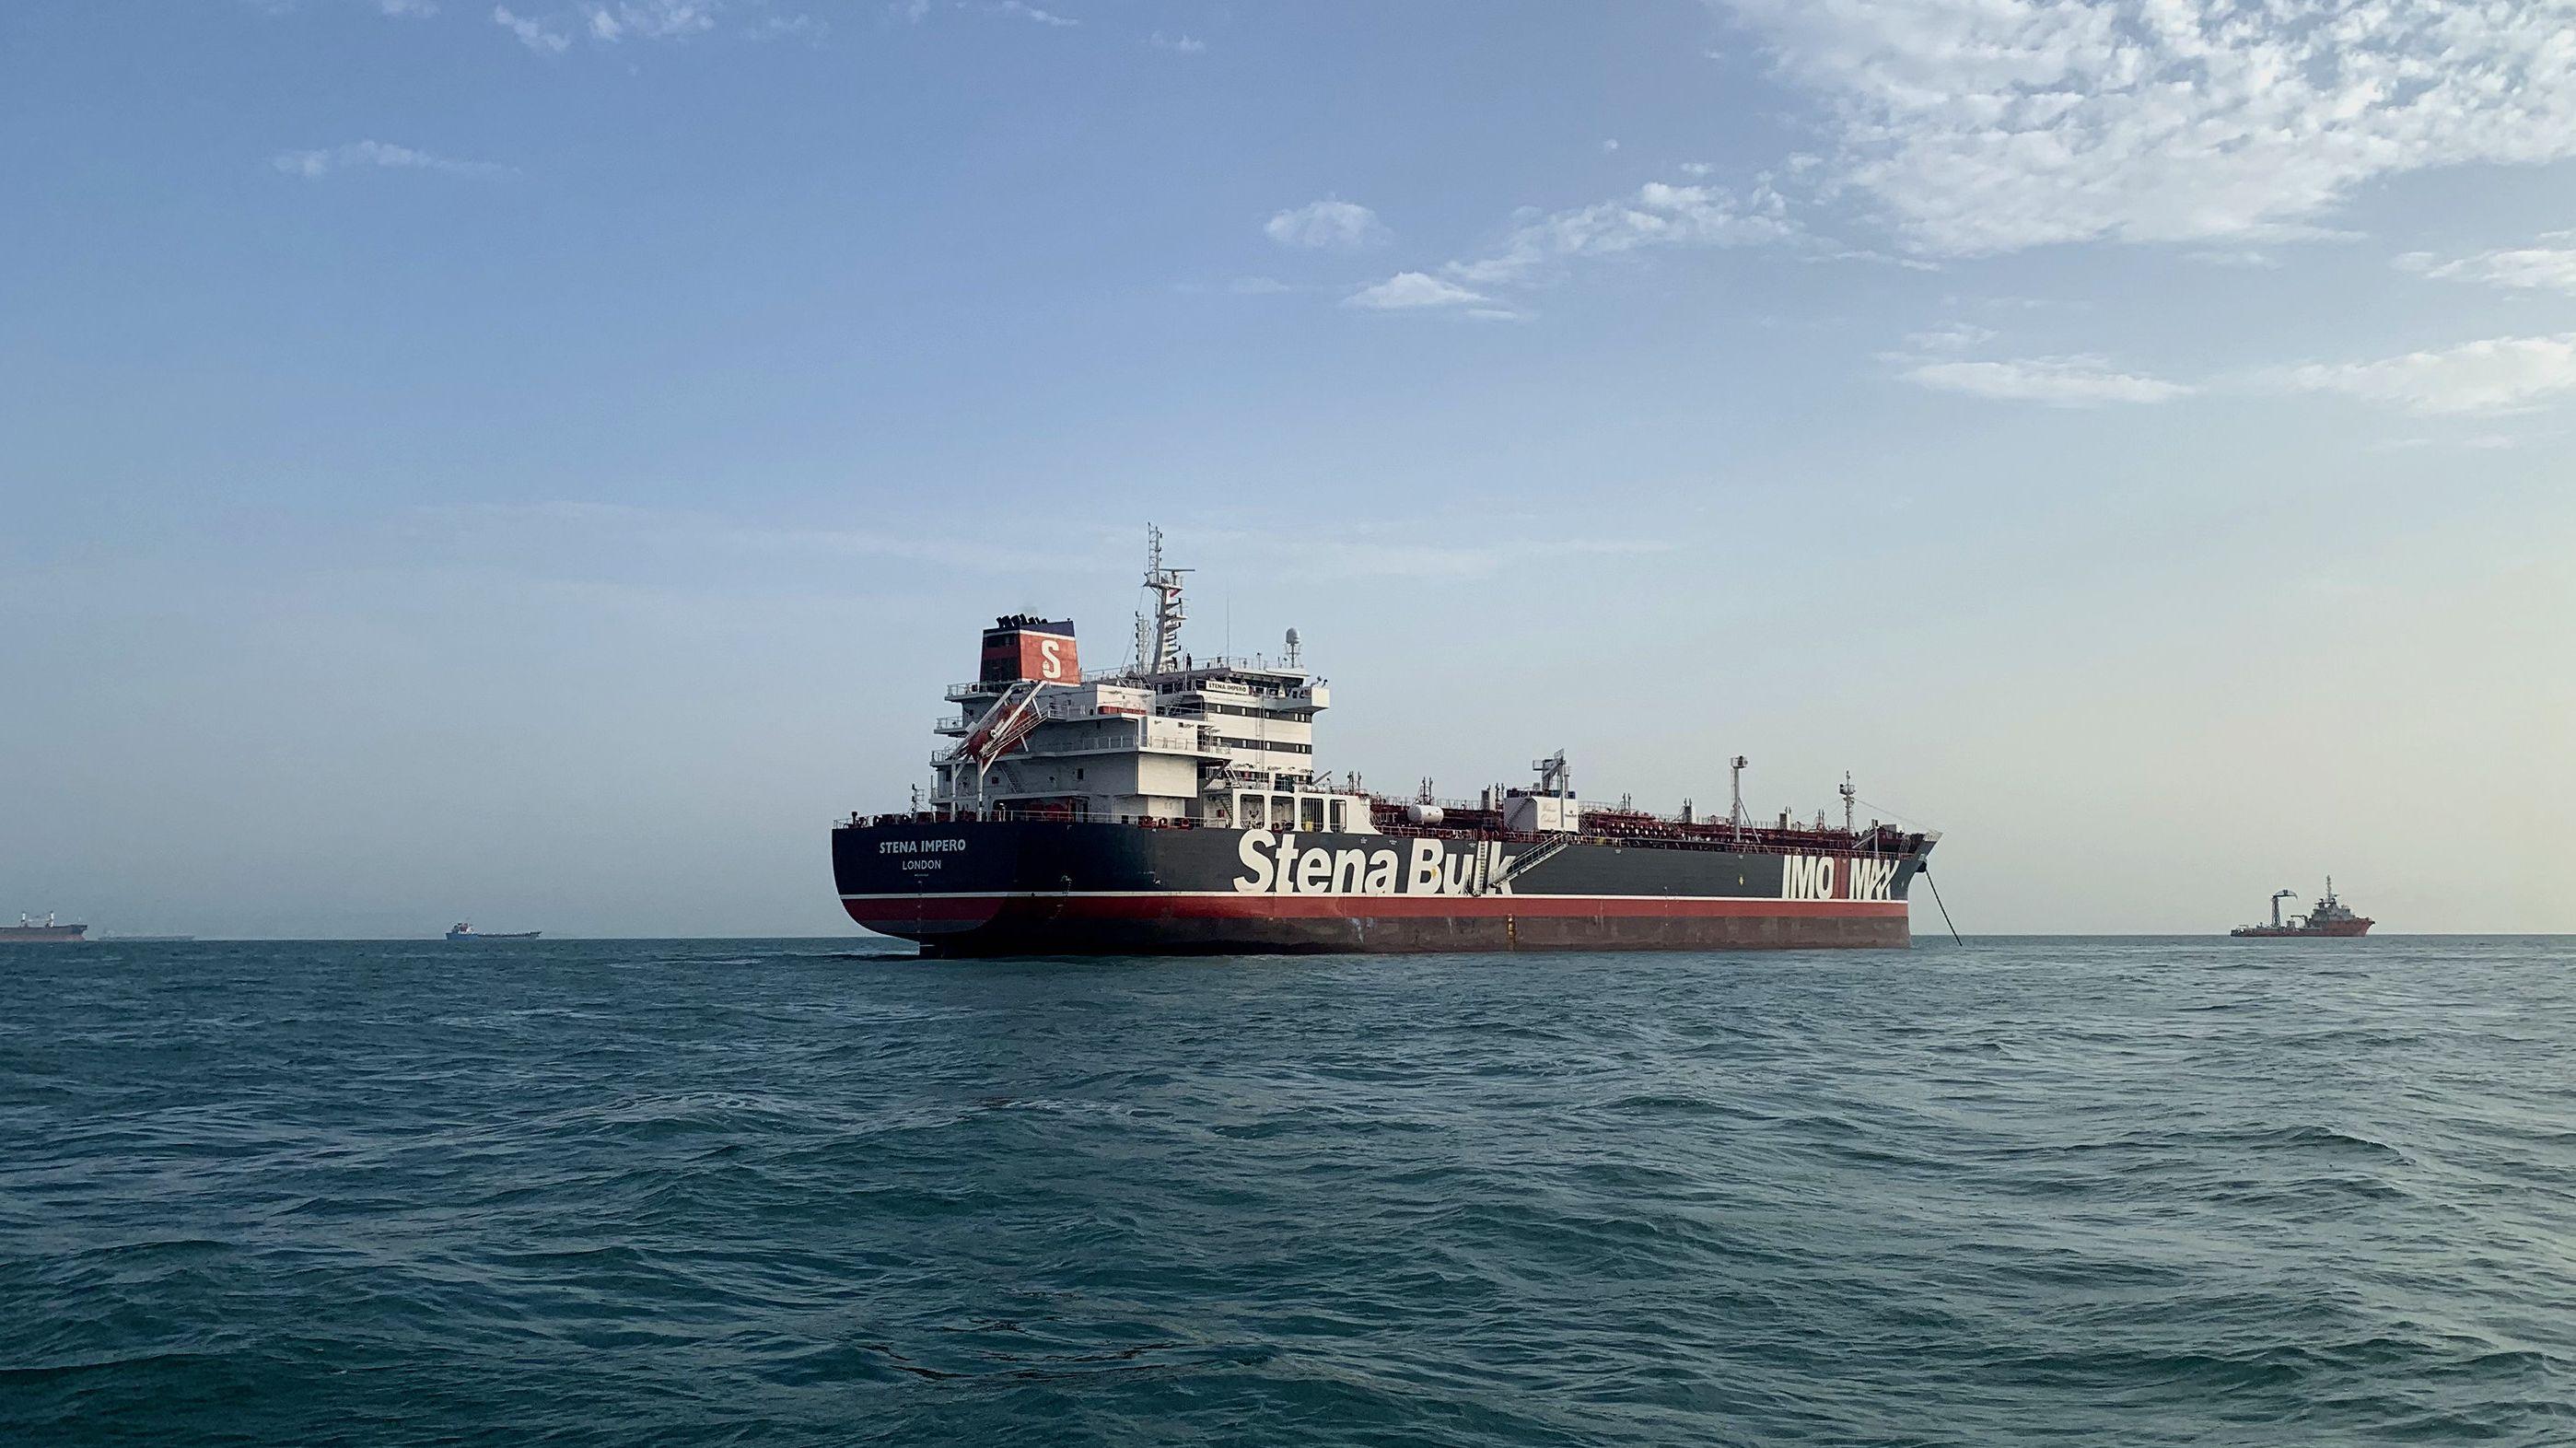 Nach der Festsetzung eines britischen Tankers durch den Iran in der Straße von Hormus hatte die Regierung in London eine von europäischen Ländern angeführte Seeschutzmission in der Region auf den Weg bringen wollen.